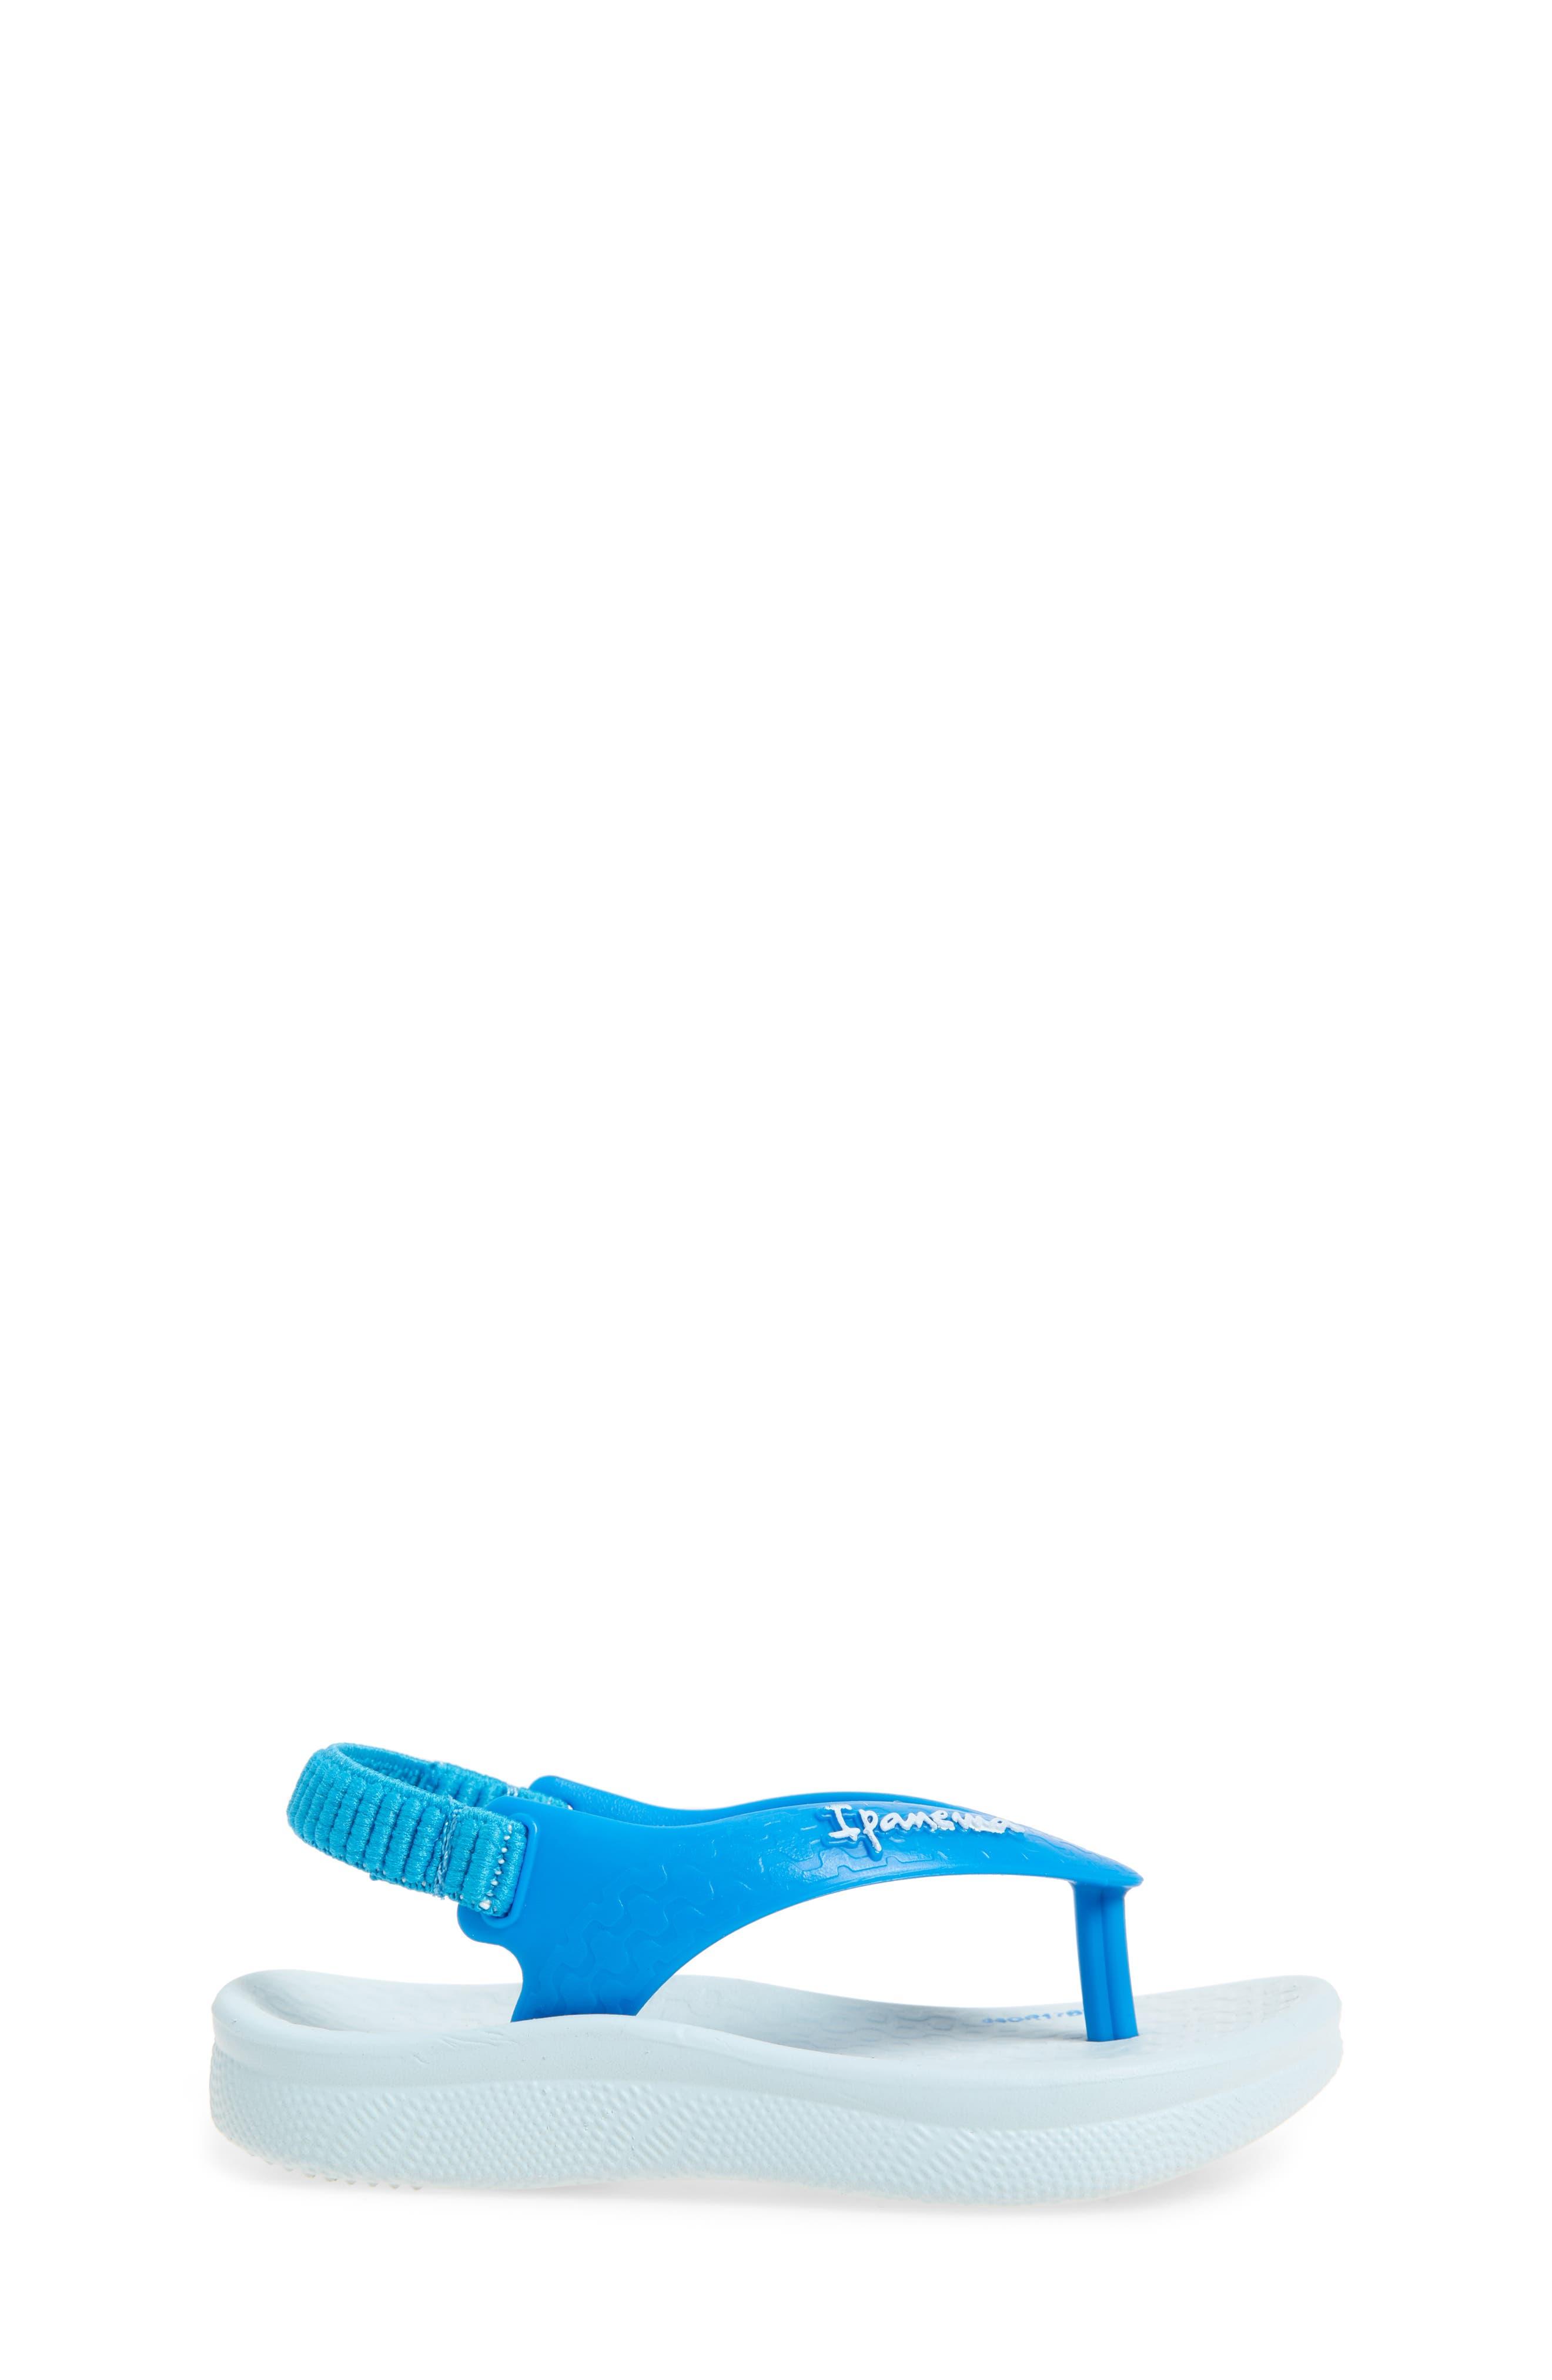 Ana Tan Flip Flop,                             Alternate thumbnail 3, color,                             Blue/ Blue